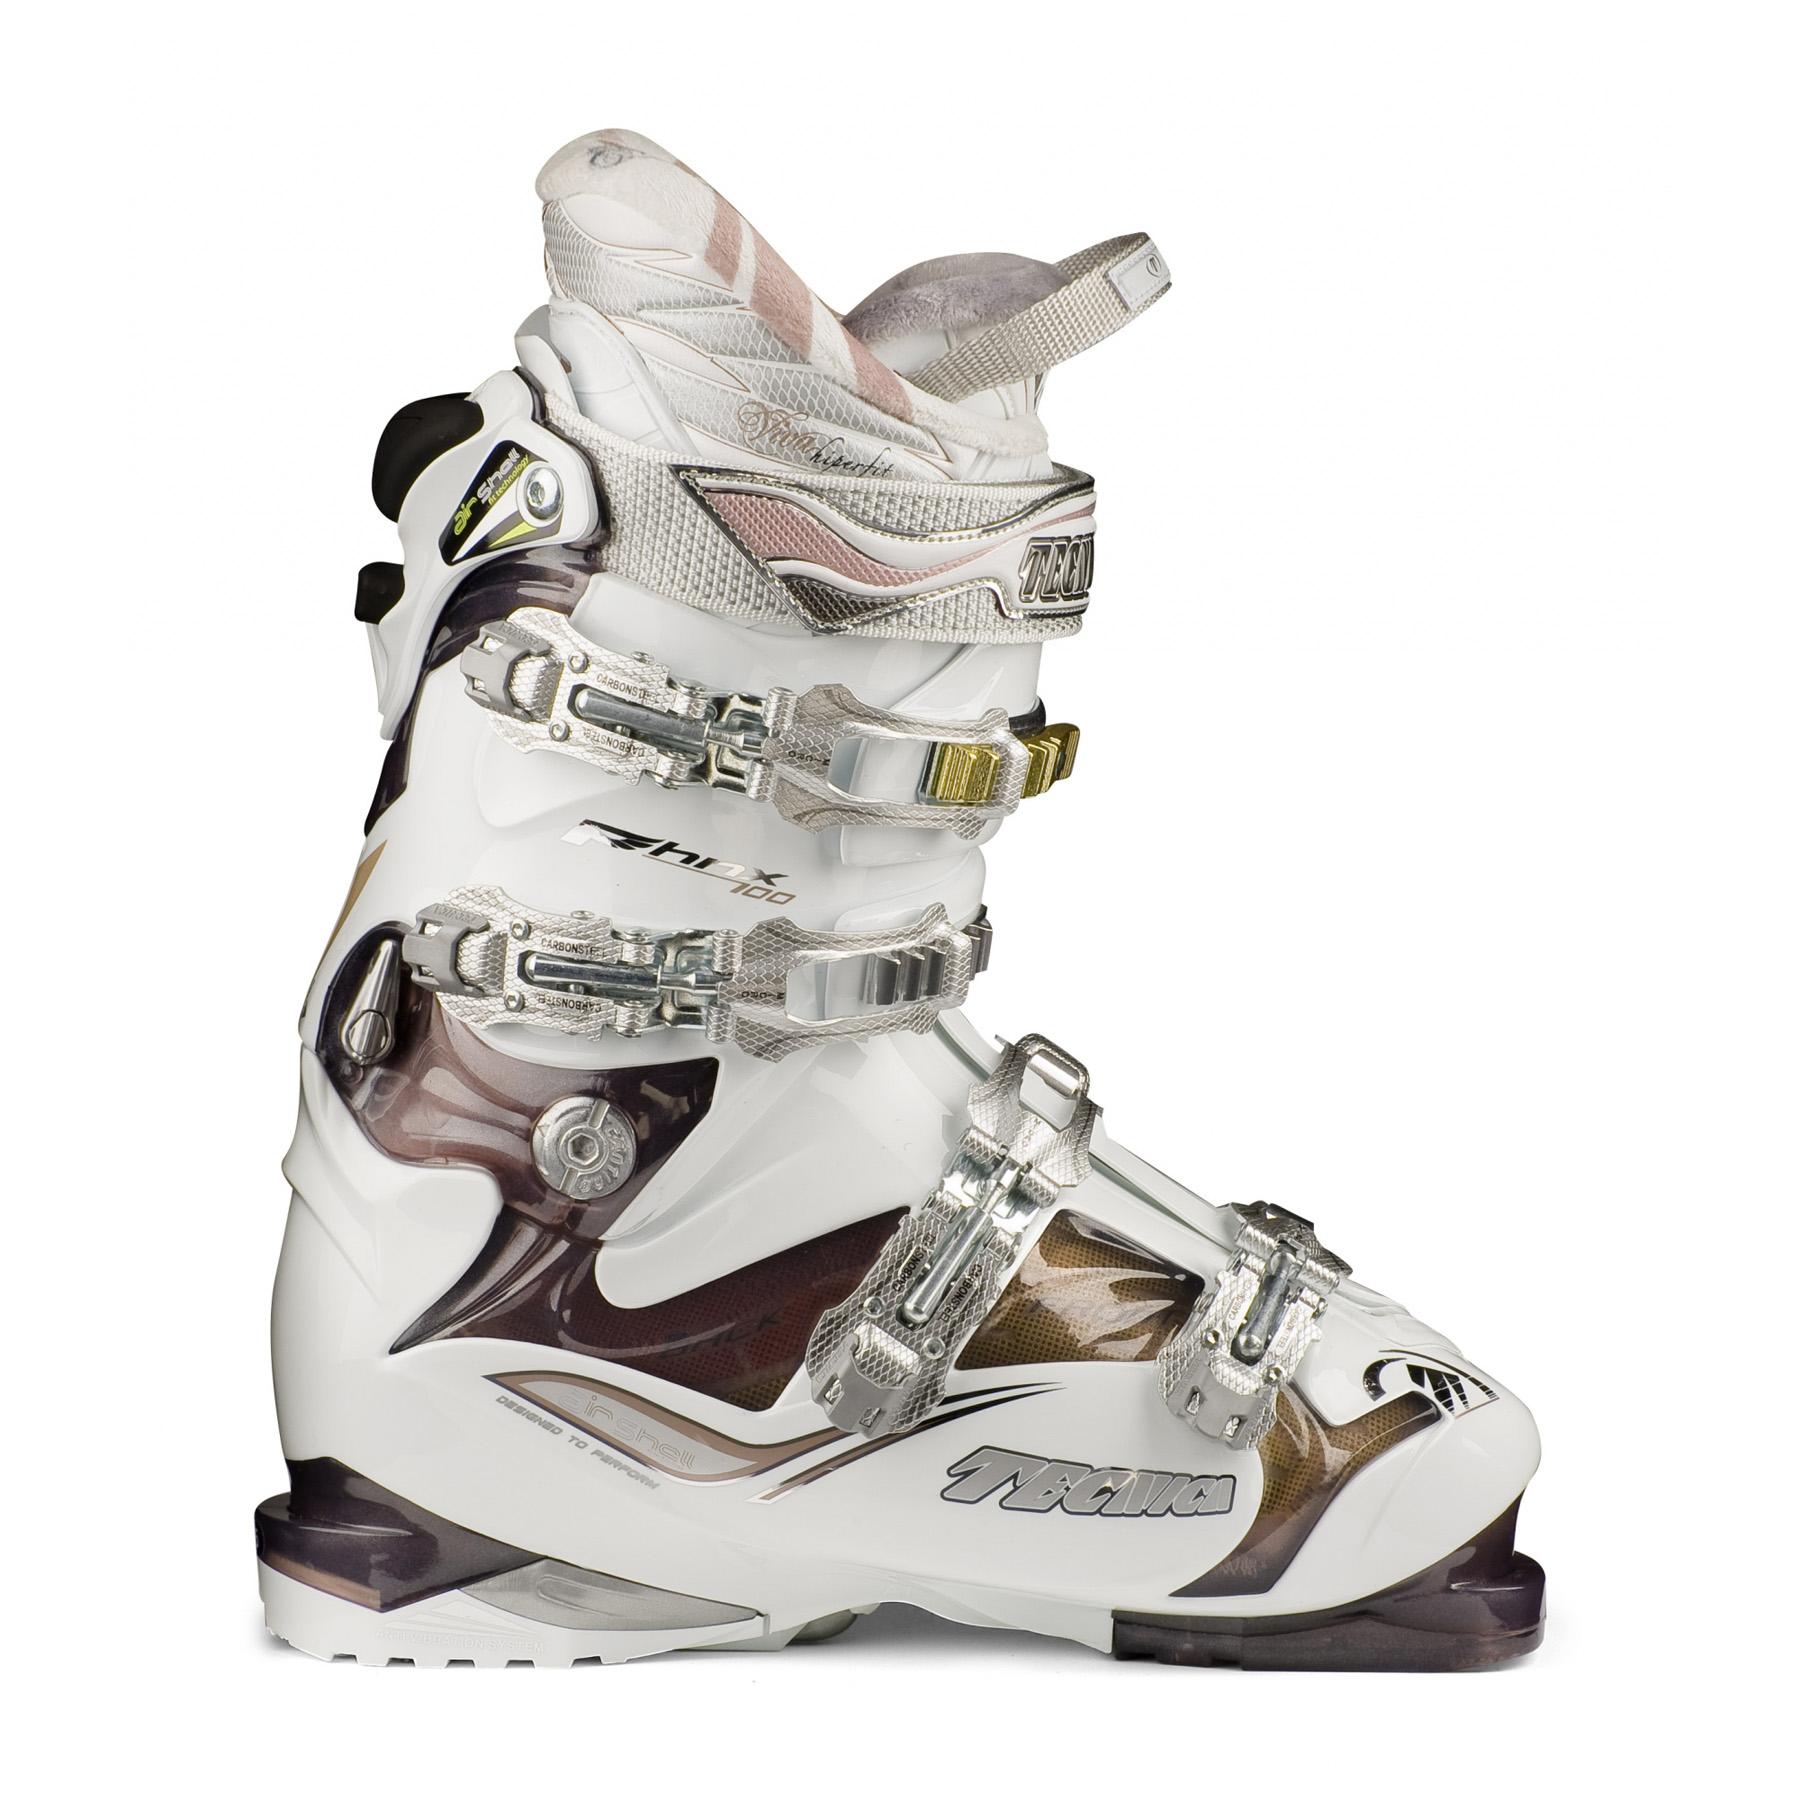 6e20cd3c61a Ski Boots - tecnica Viva Phoenix 100 Air Shell   ski